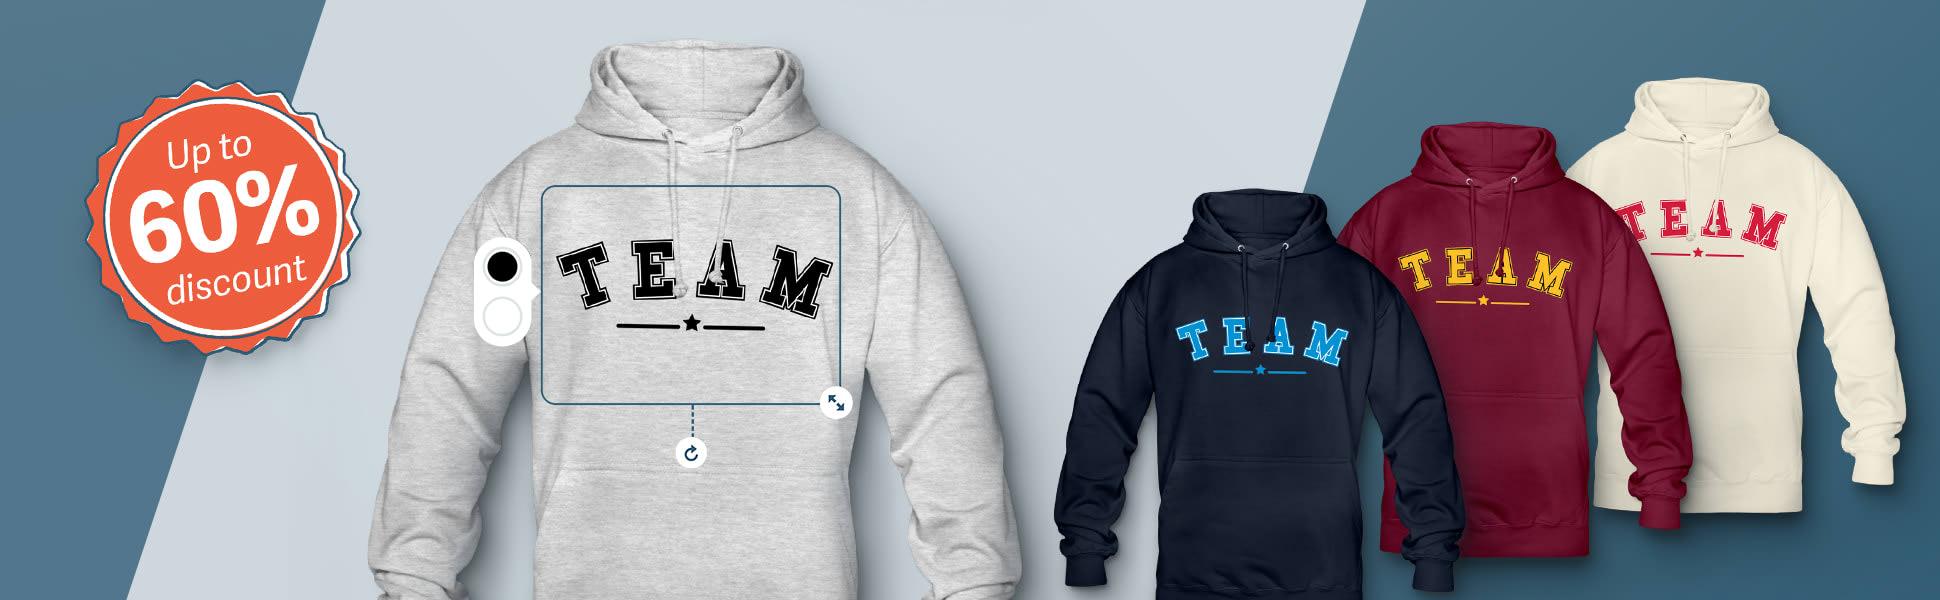 cheap personalised hoodies